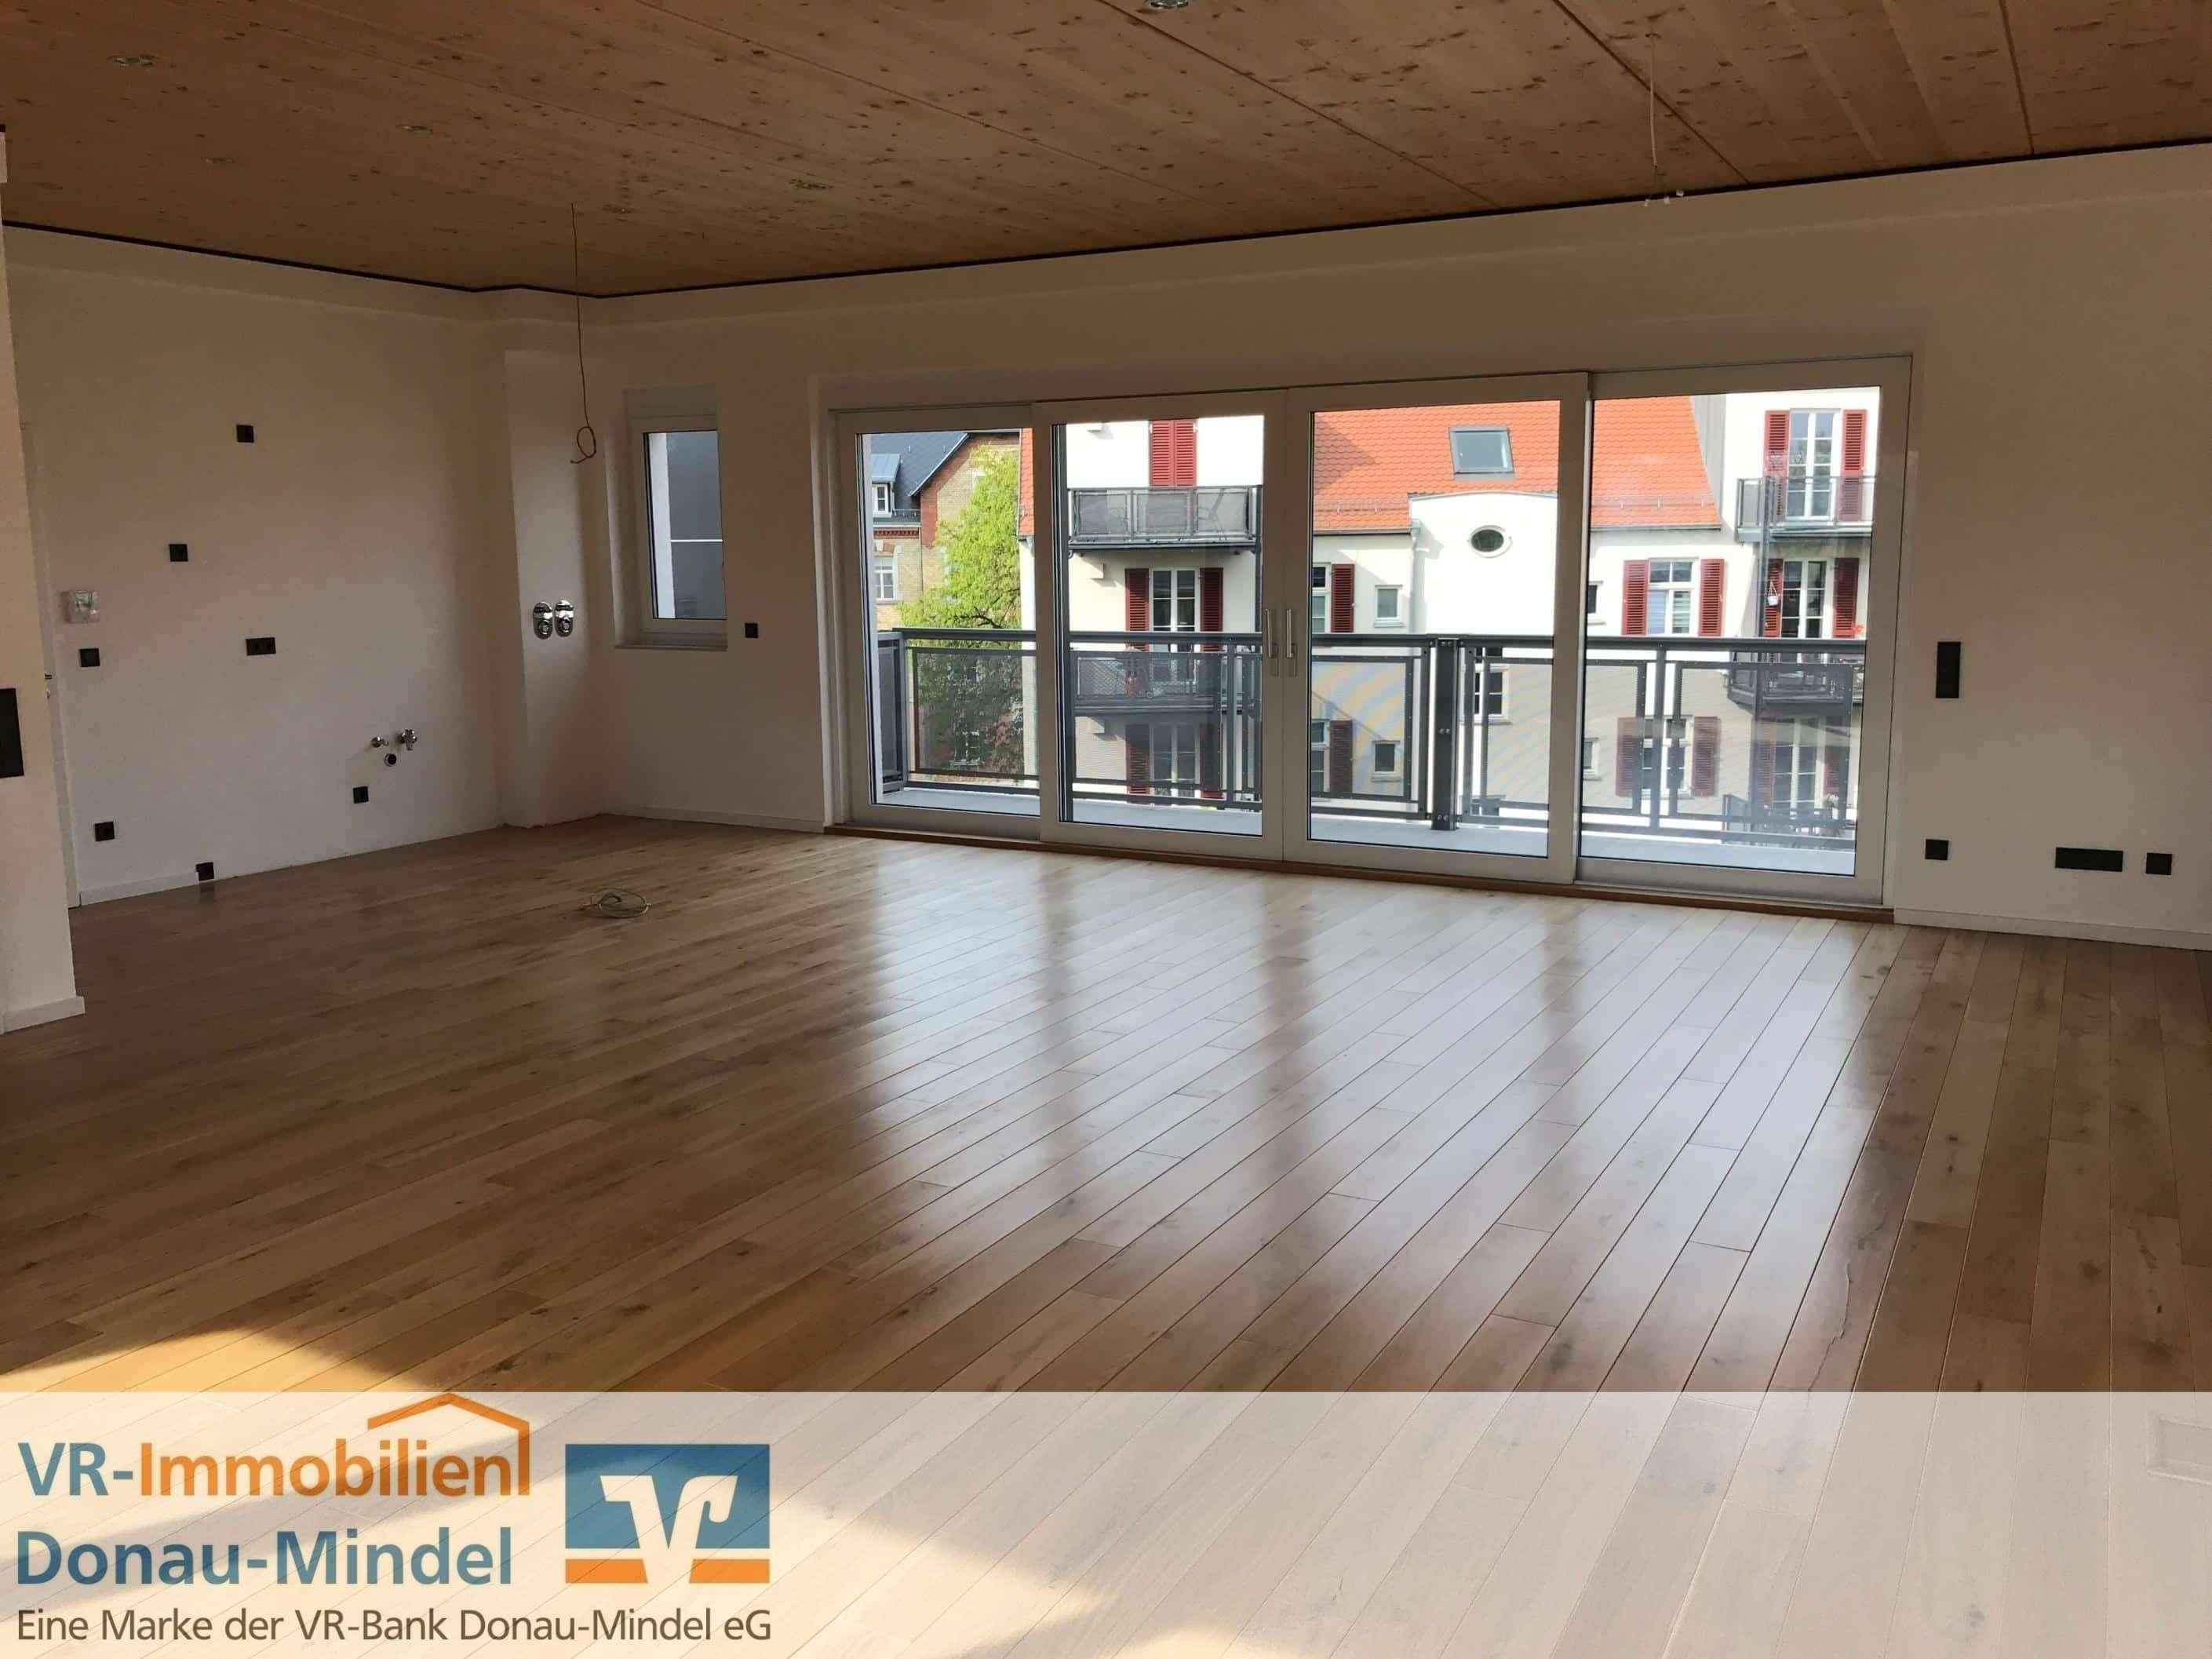 1-Zimmer-Loftwohnung in zentrumsnaher Lage in Augsburg in Augsburg-Innenstadt